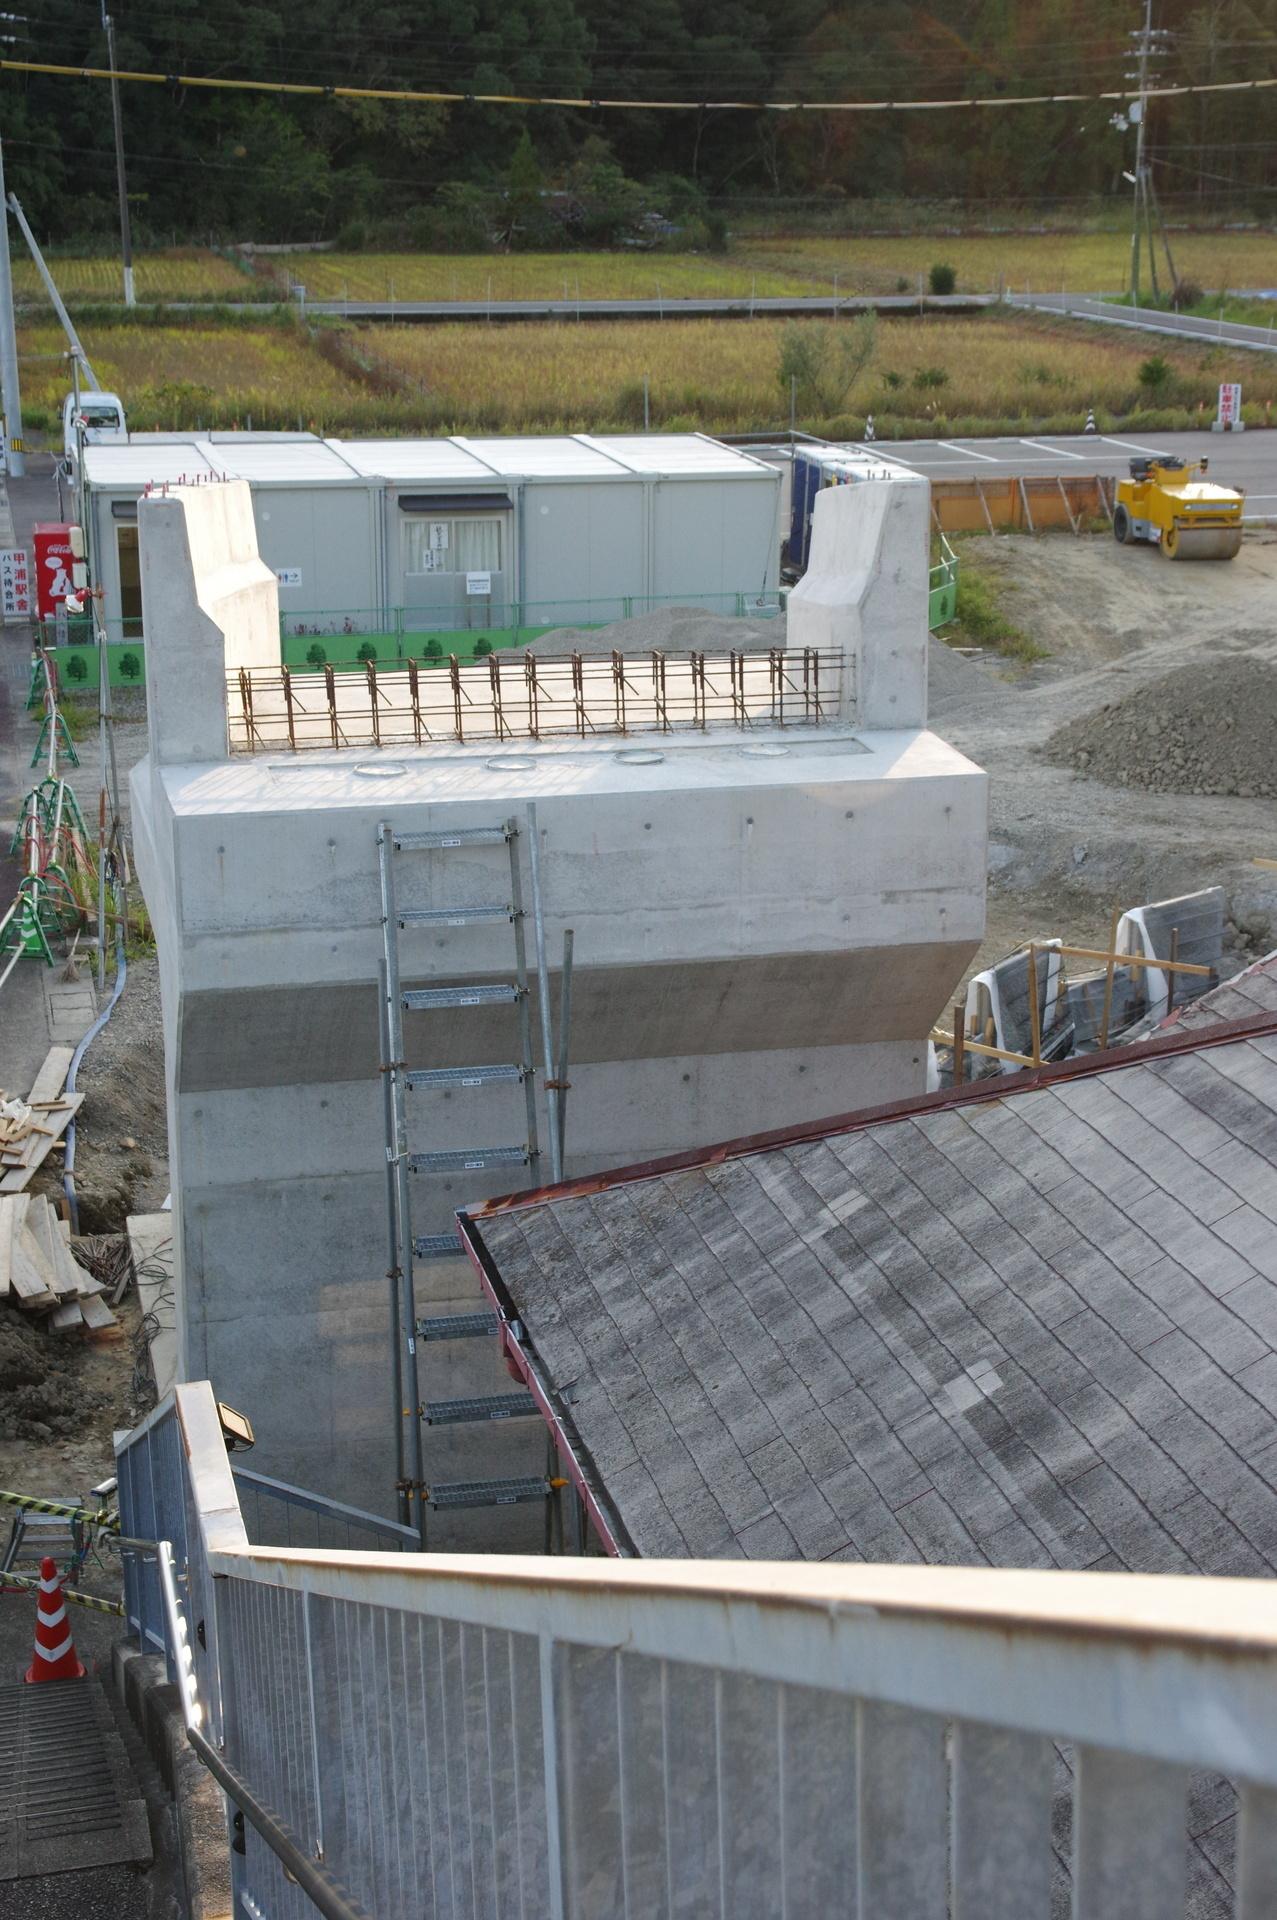 橋脚と工事現場を歩道橋上から俯瞰